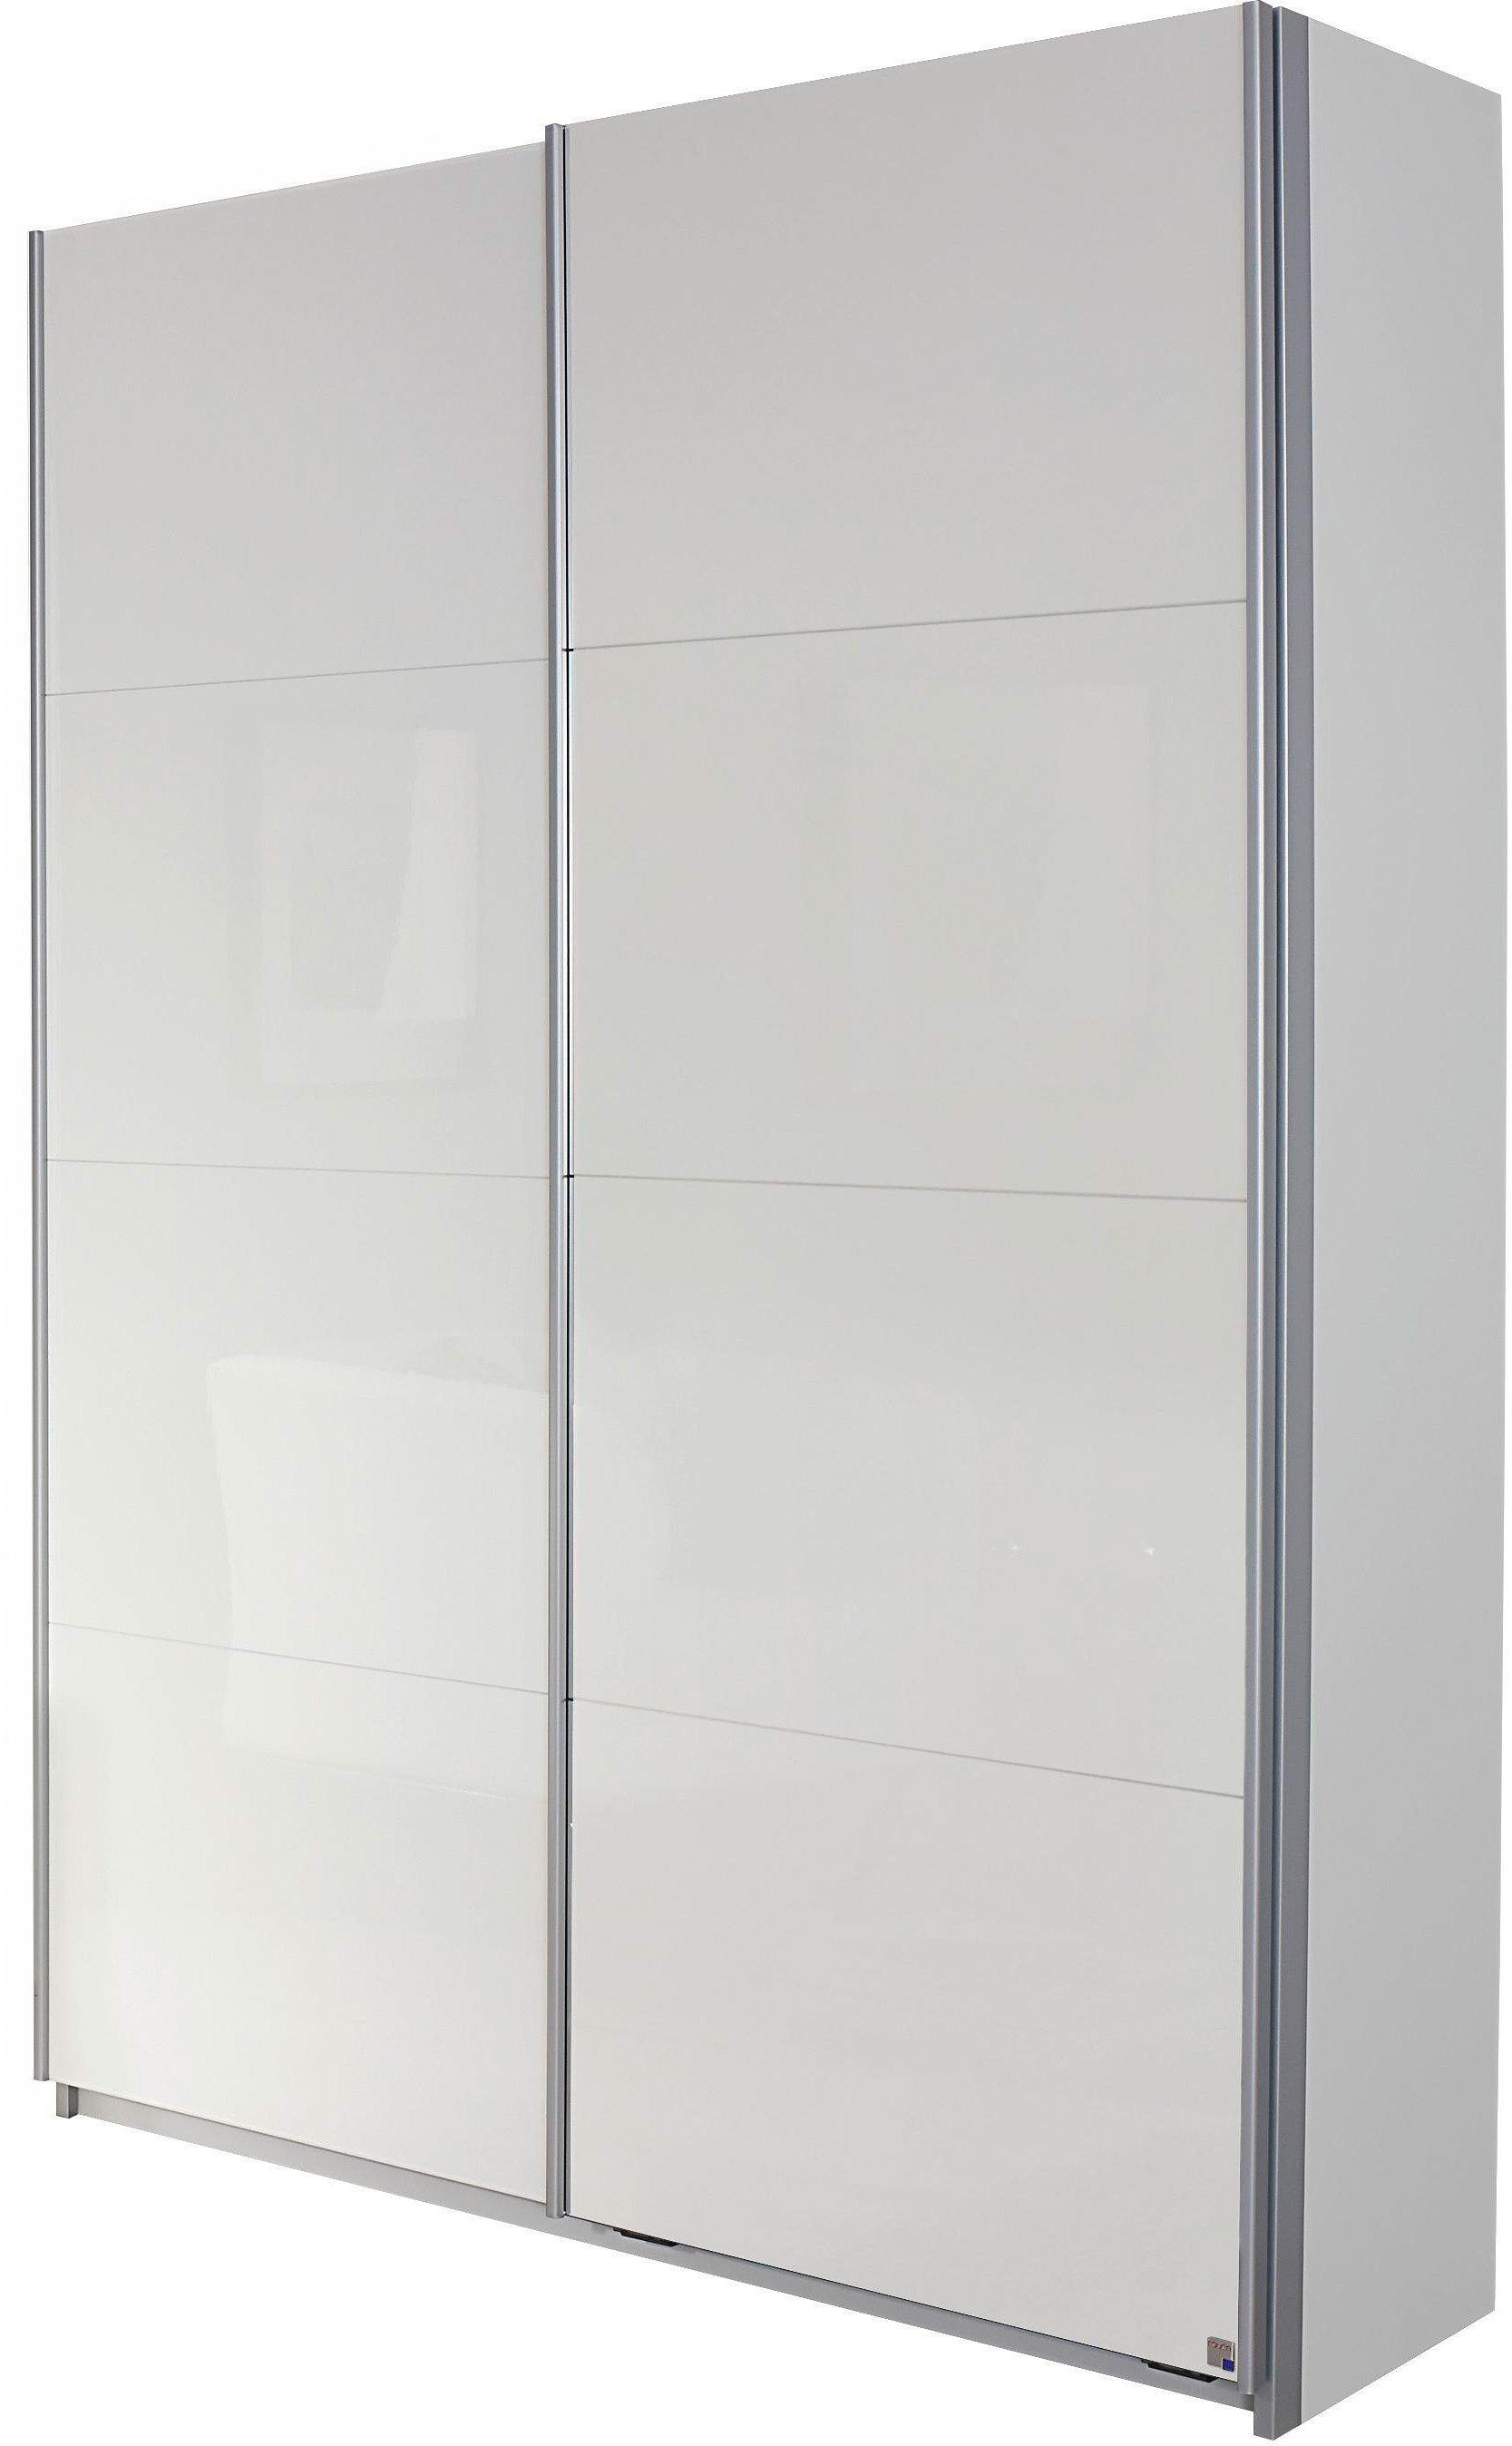 rauch Garderobenschrank »Minosa«, Breite 136 cm | Flur & Diele > Garderoben > Garderobenschränke | Weiß | Melamin | rauch